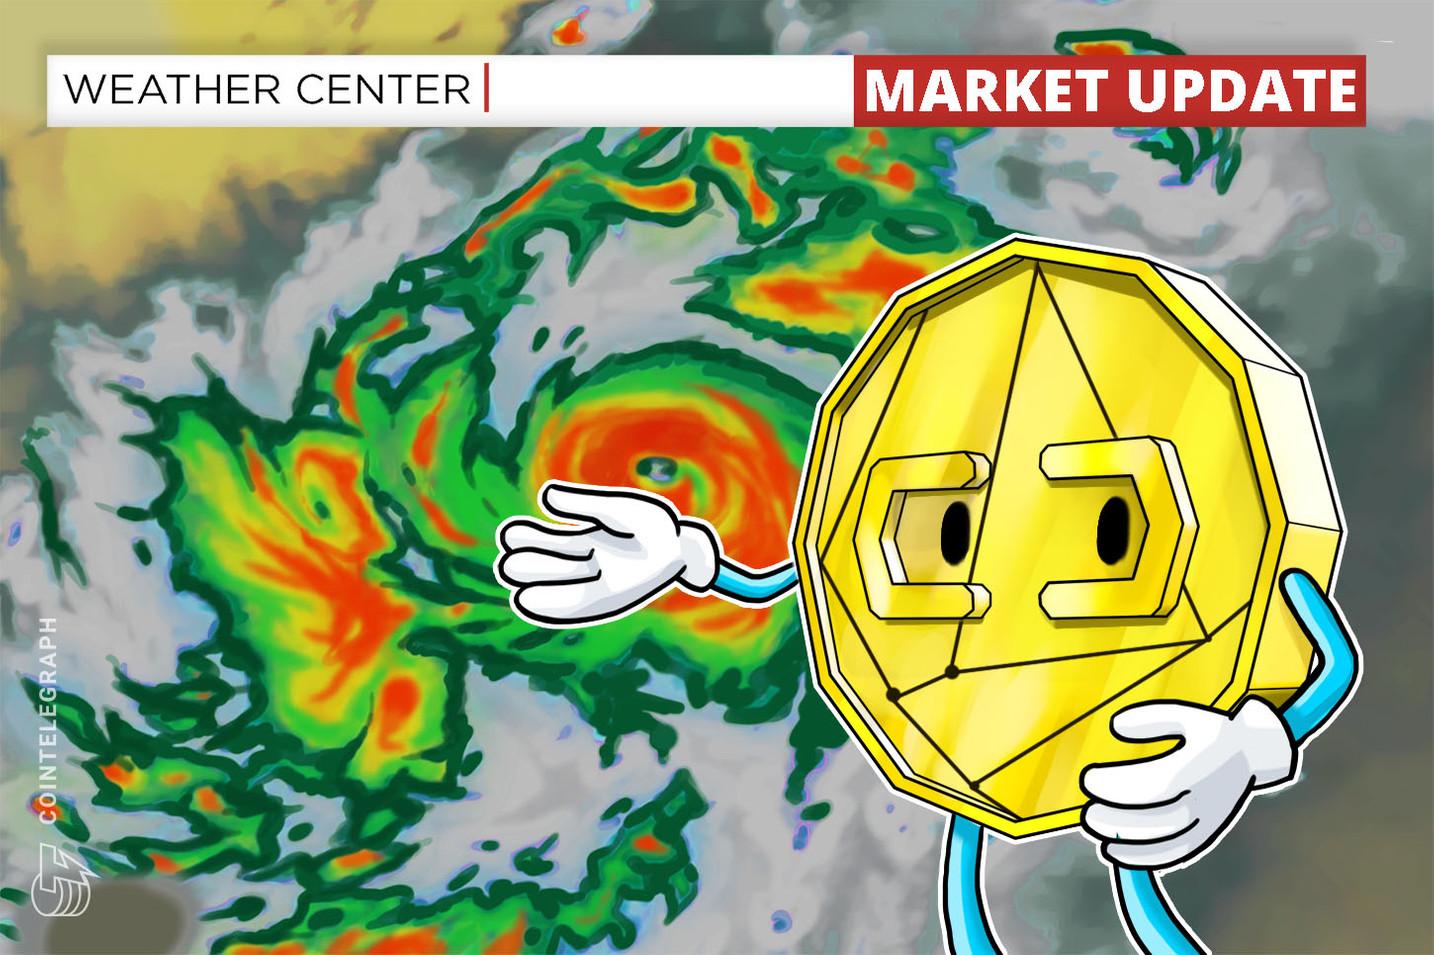 Bitcoin se mueve cerca de 6600, mientras que mayoría de monedas principales tienen poca volatilidad en precios